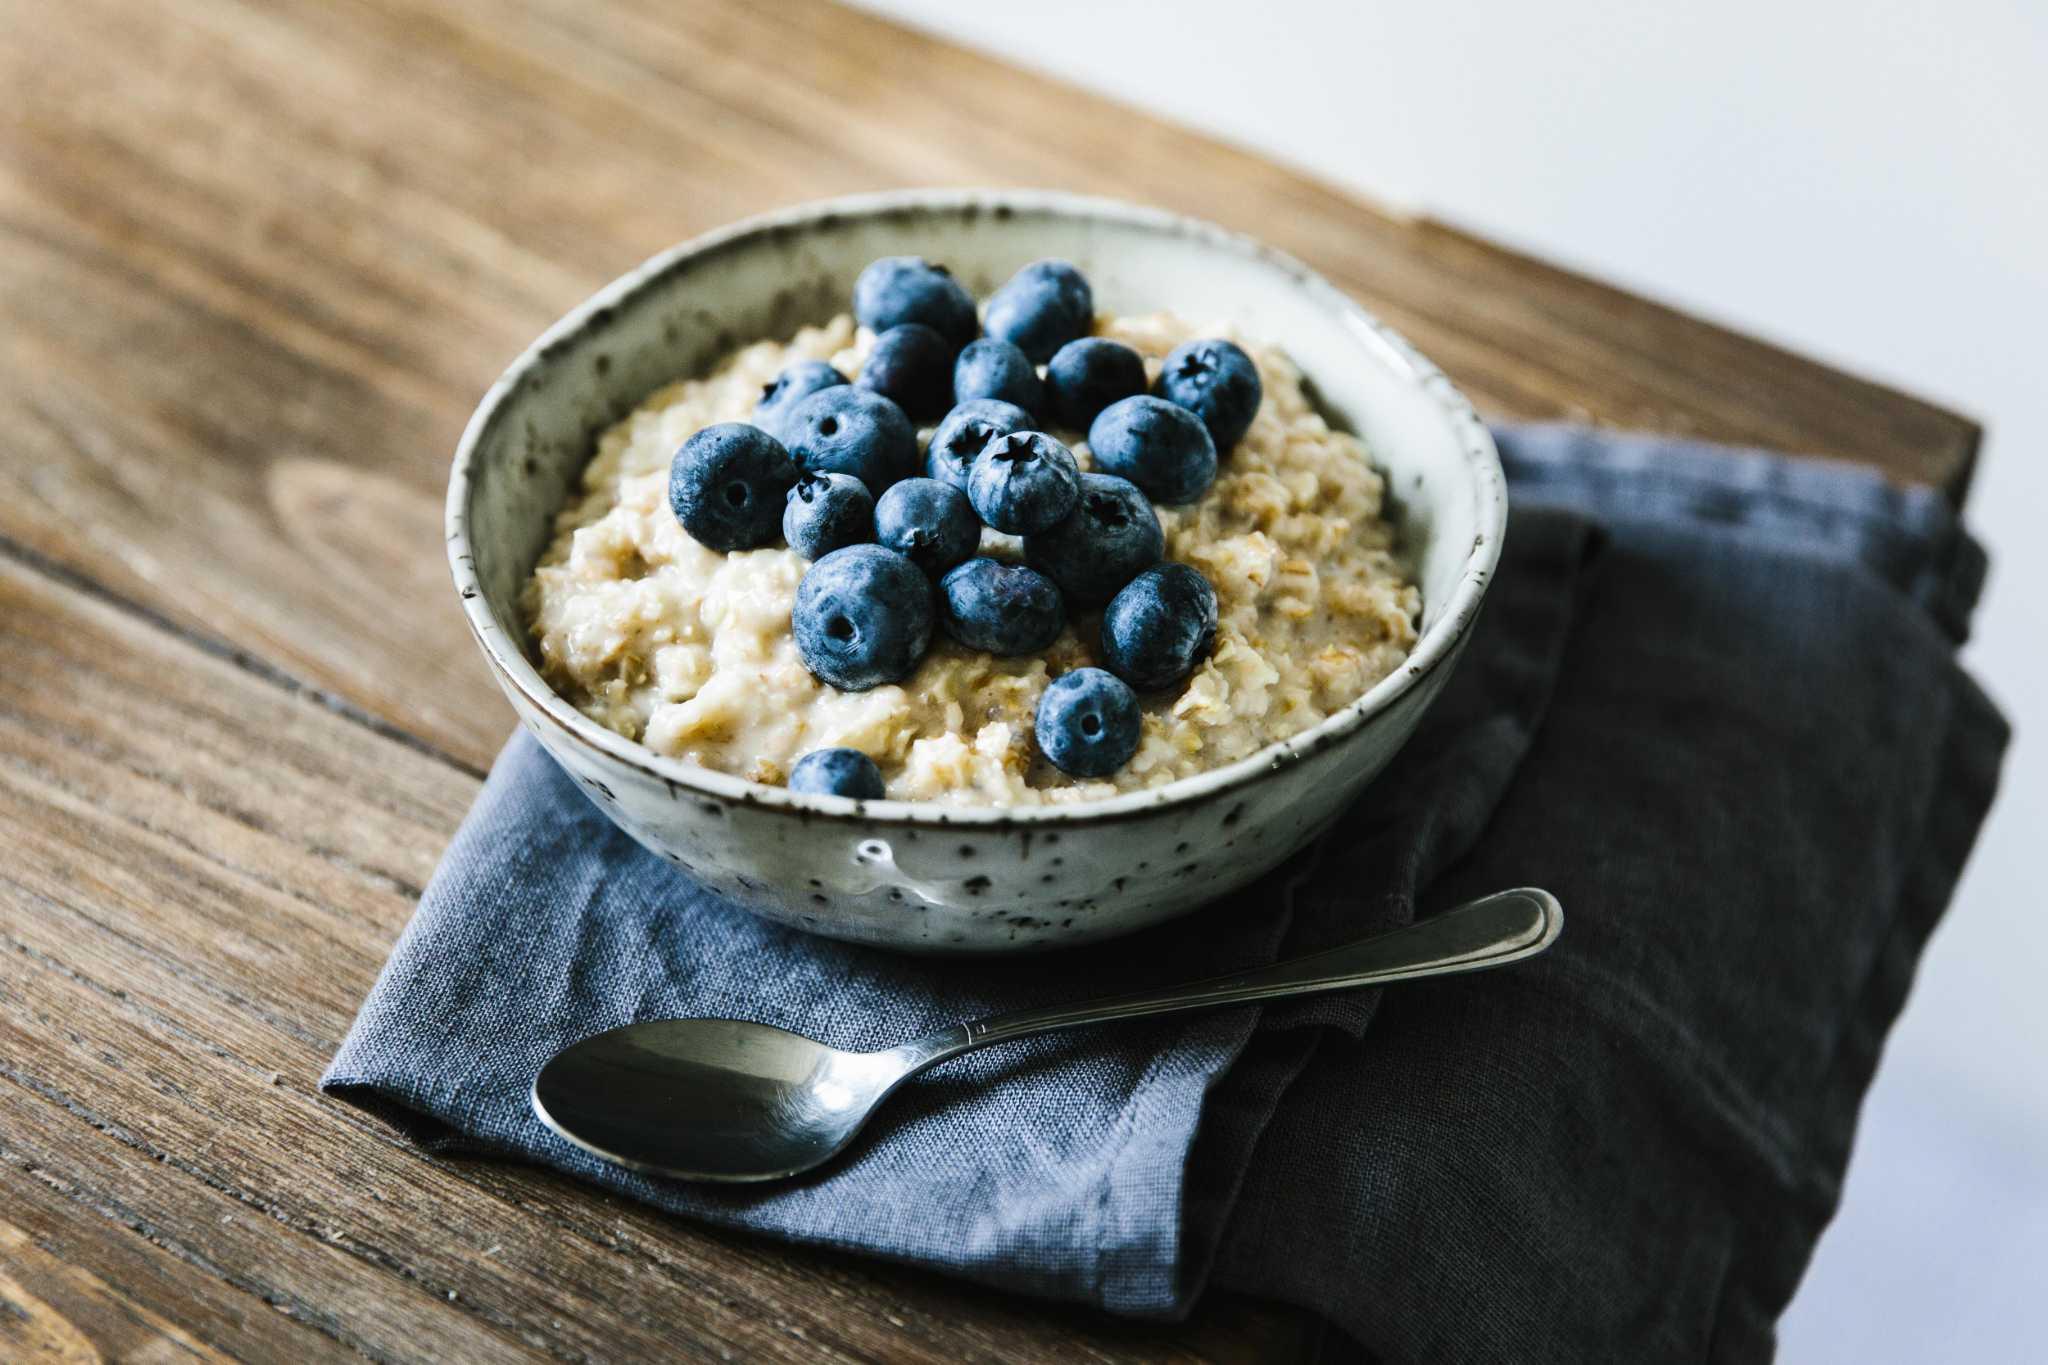 Healthful breakfast on a busy school morning? It's not so hard